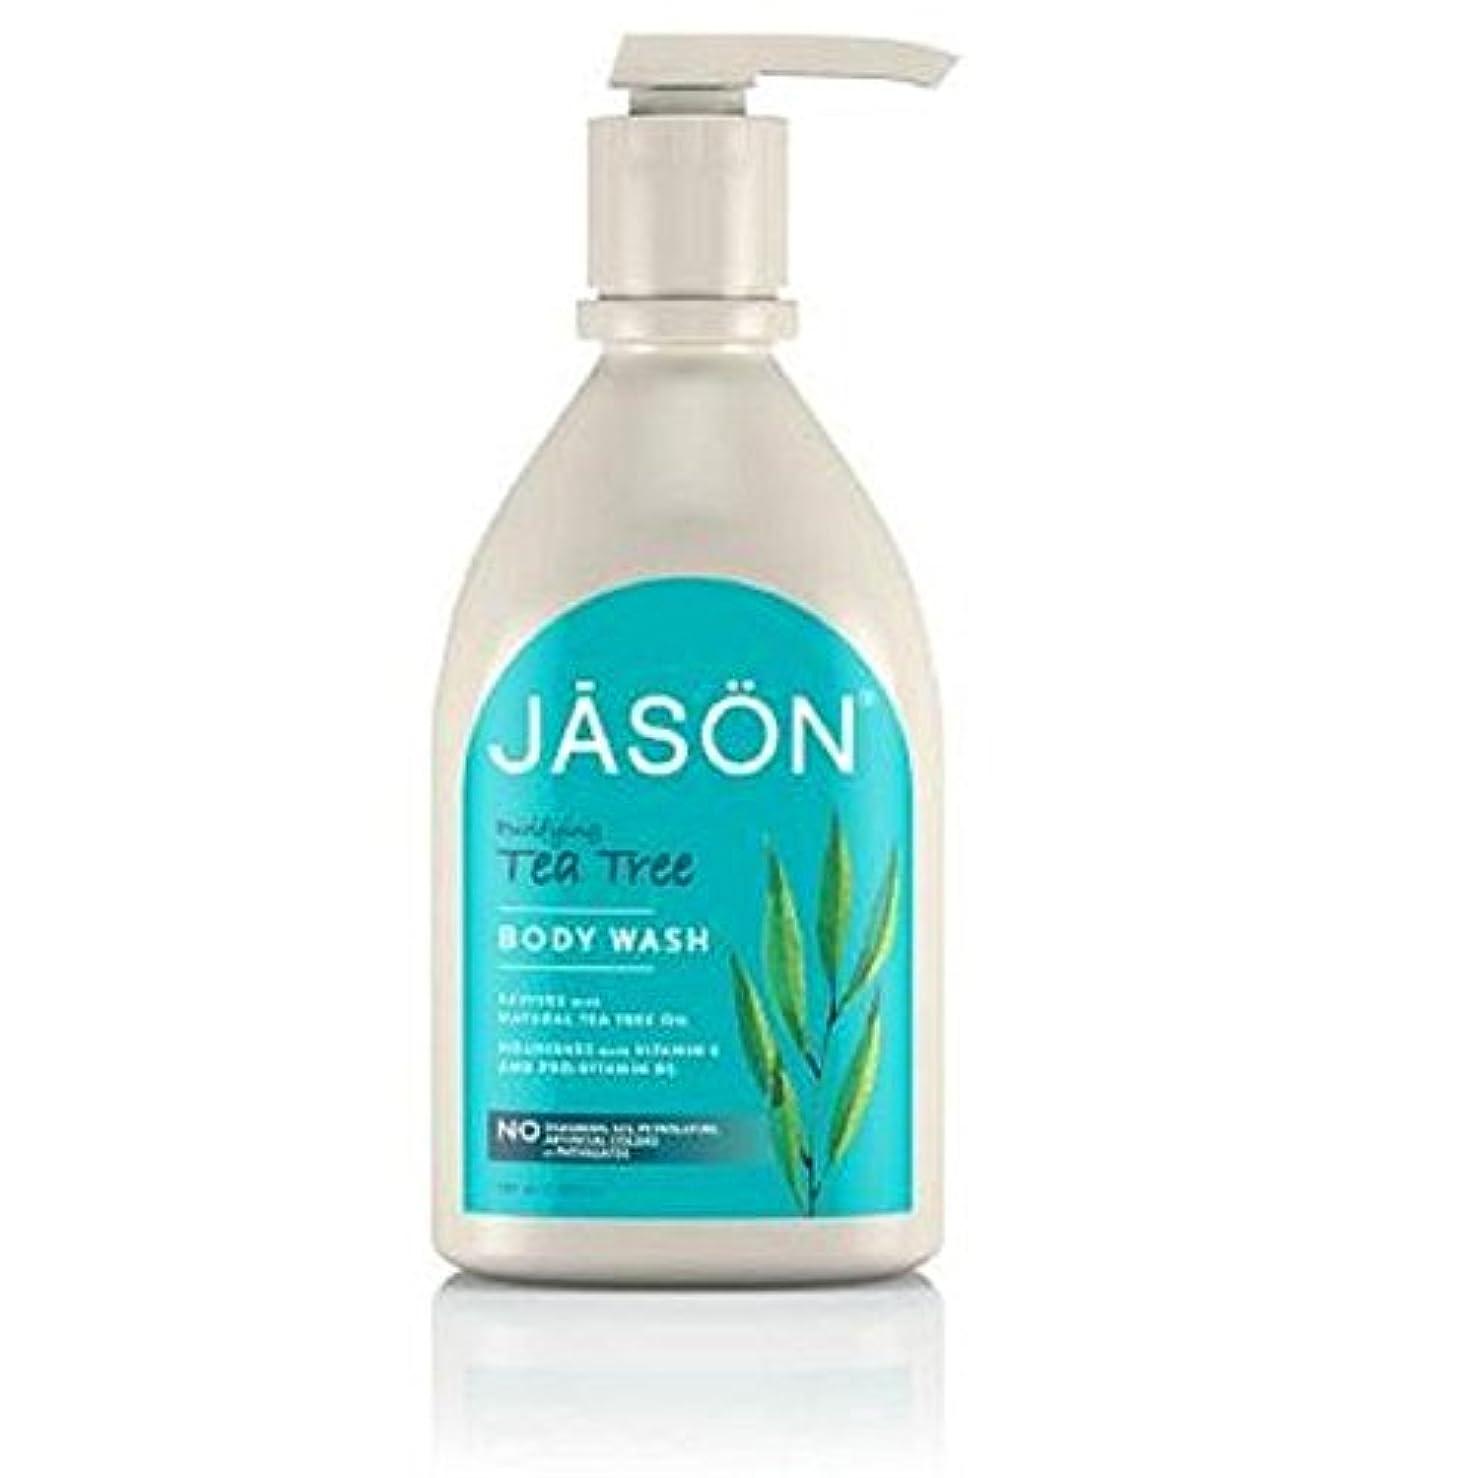 剣メッシュスモッグジェイソン?ティーツリーサテンボディウォッシュポンプ900ミリリットル x2 - Jason Tea Tree Satin Body Wash Pump 900ml (Pack of 2) [並行輸入品]